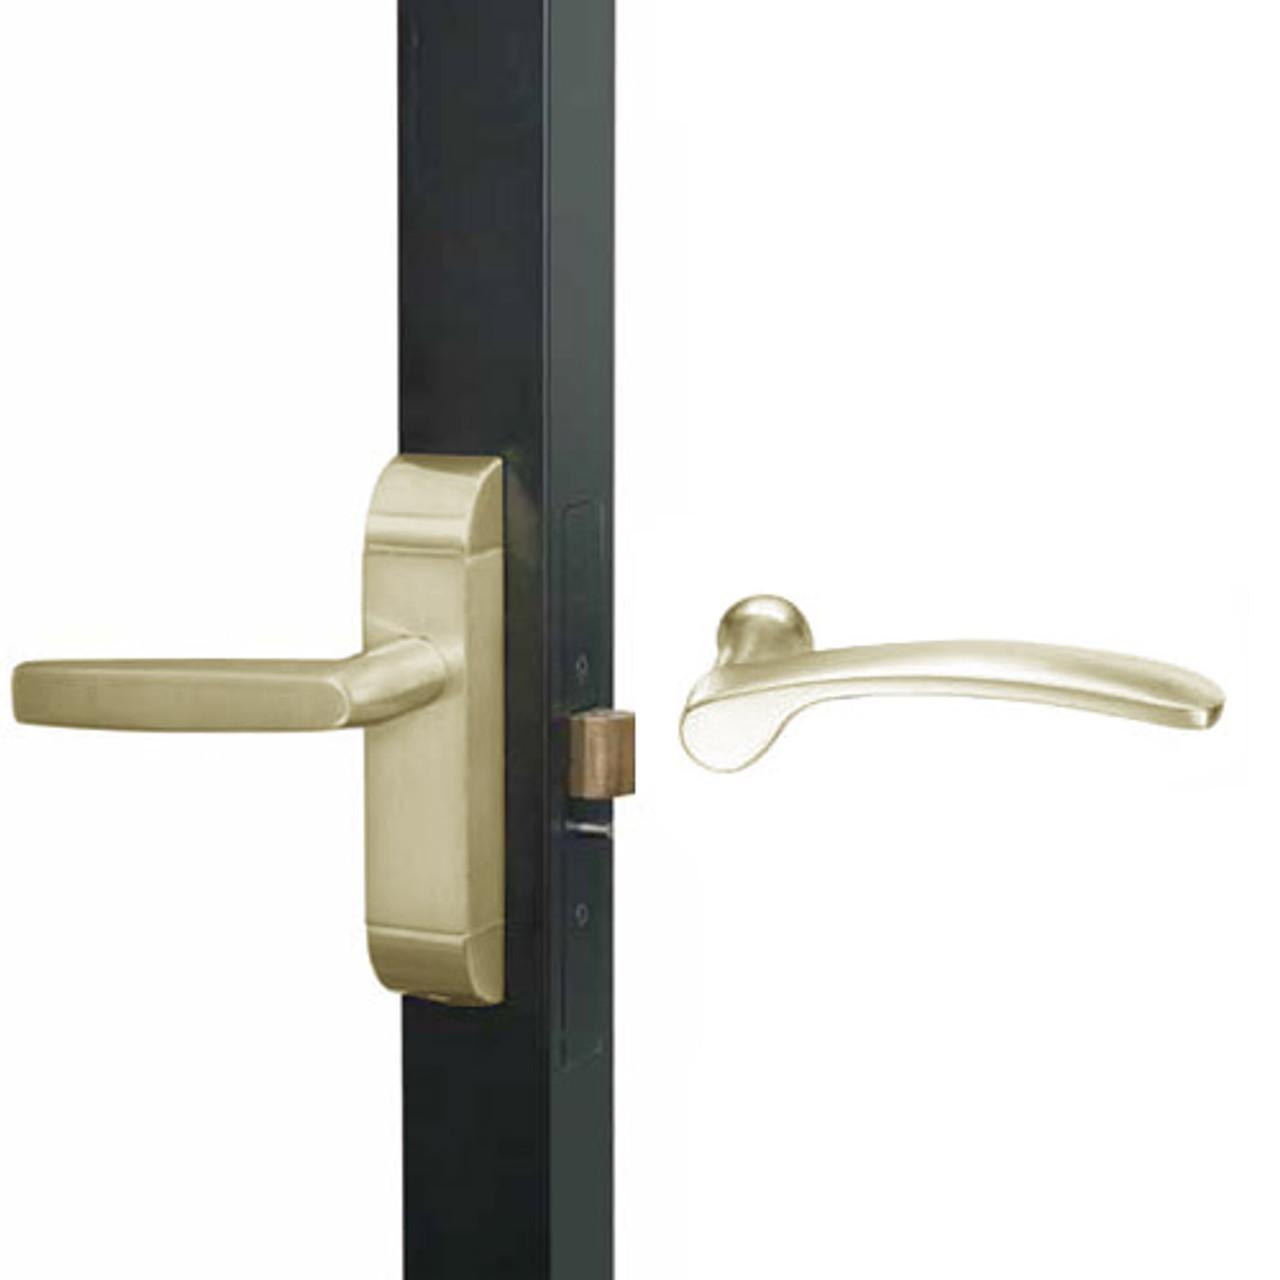 4600M-MN-521-US4 Adams Rite MN Designer Deadlatch handle in Satin Brass Finish